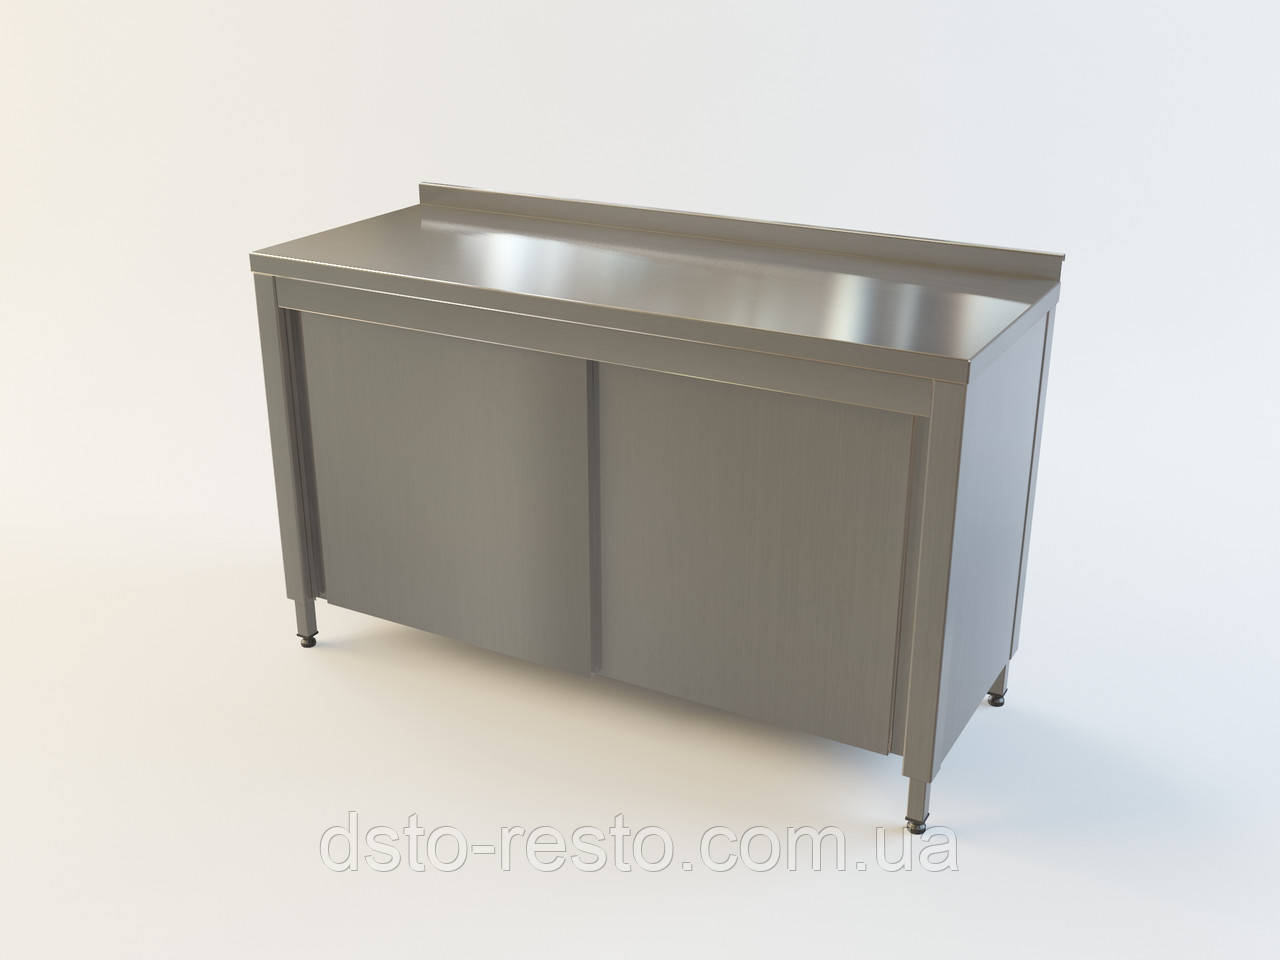 Стіл теплової 1500/600/850 мм